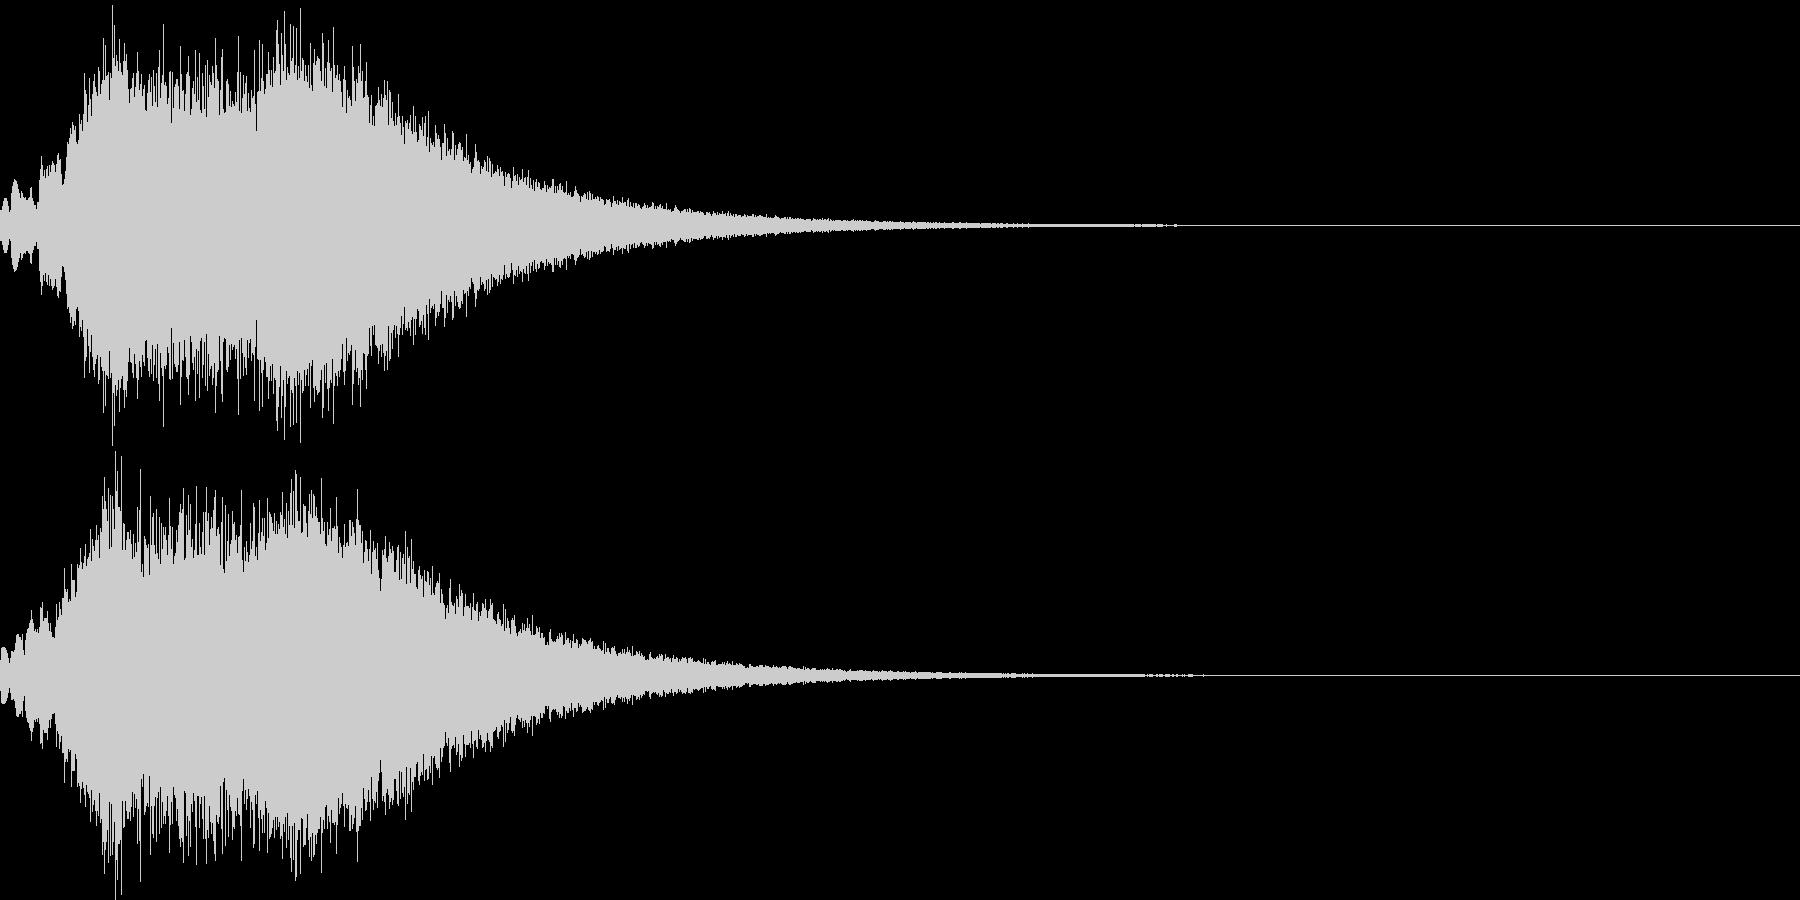 キラキラ シャララーン アイキャッチ09の未再生の波形